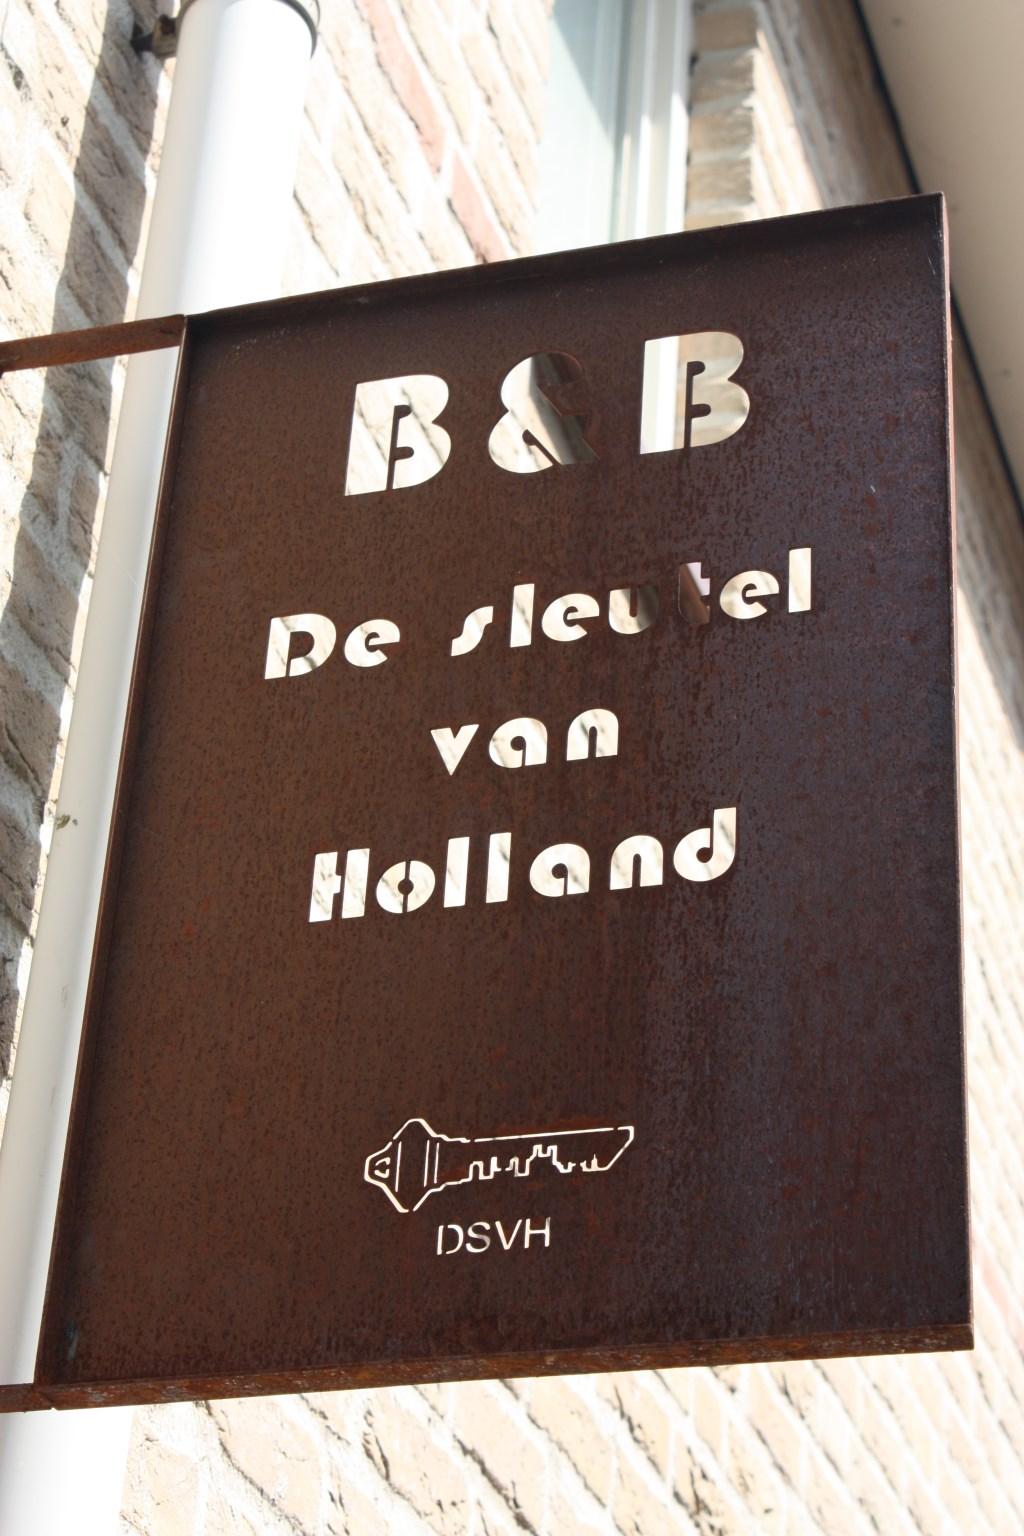 Michel Broekhuizen © BDU media